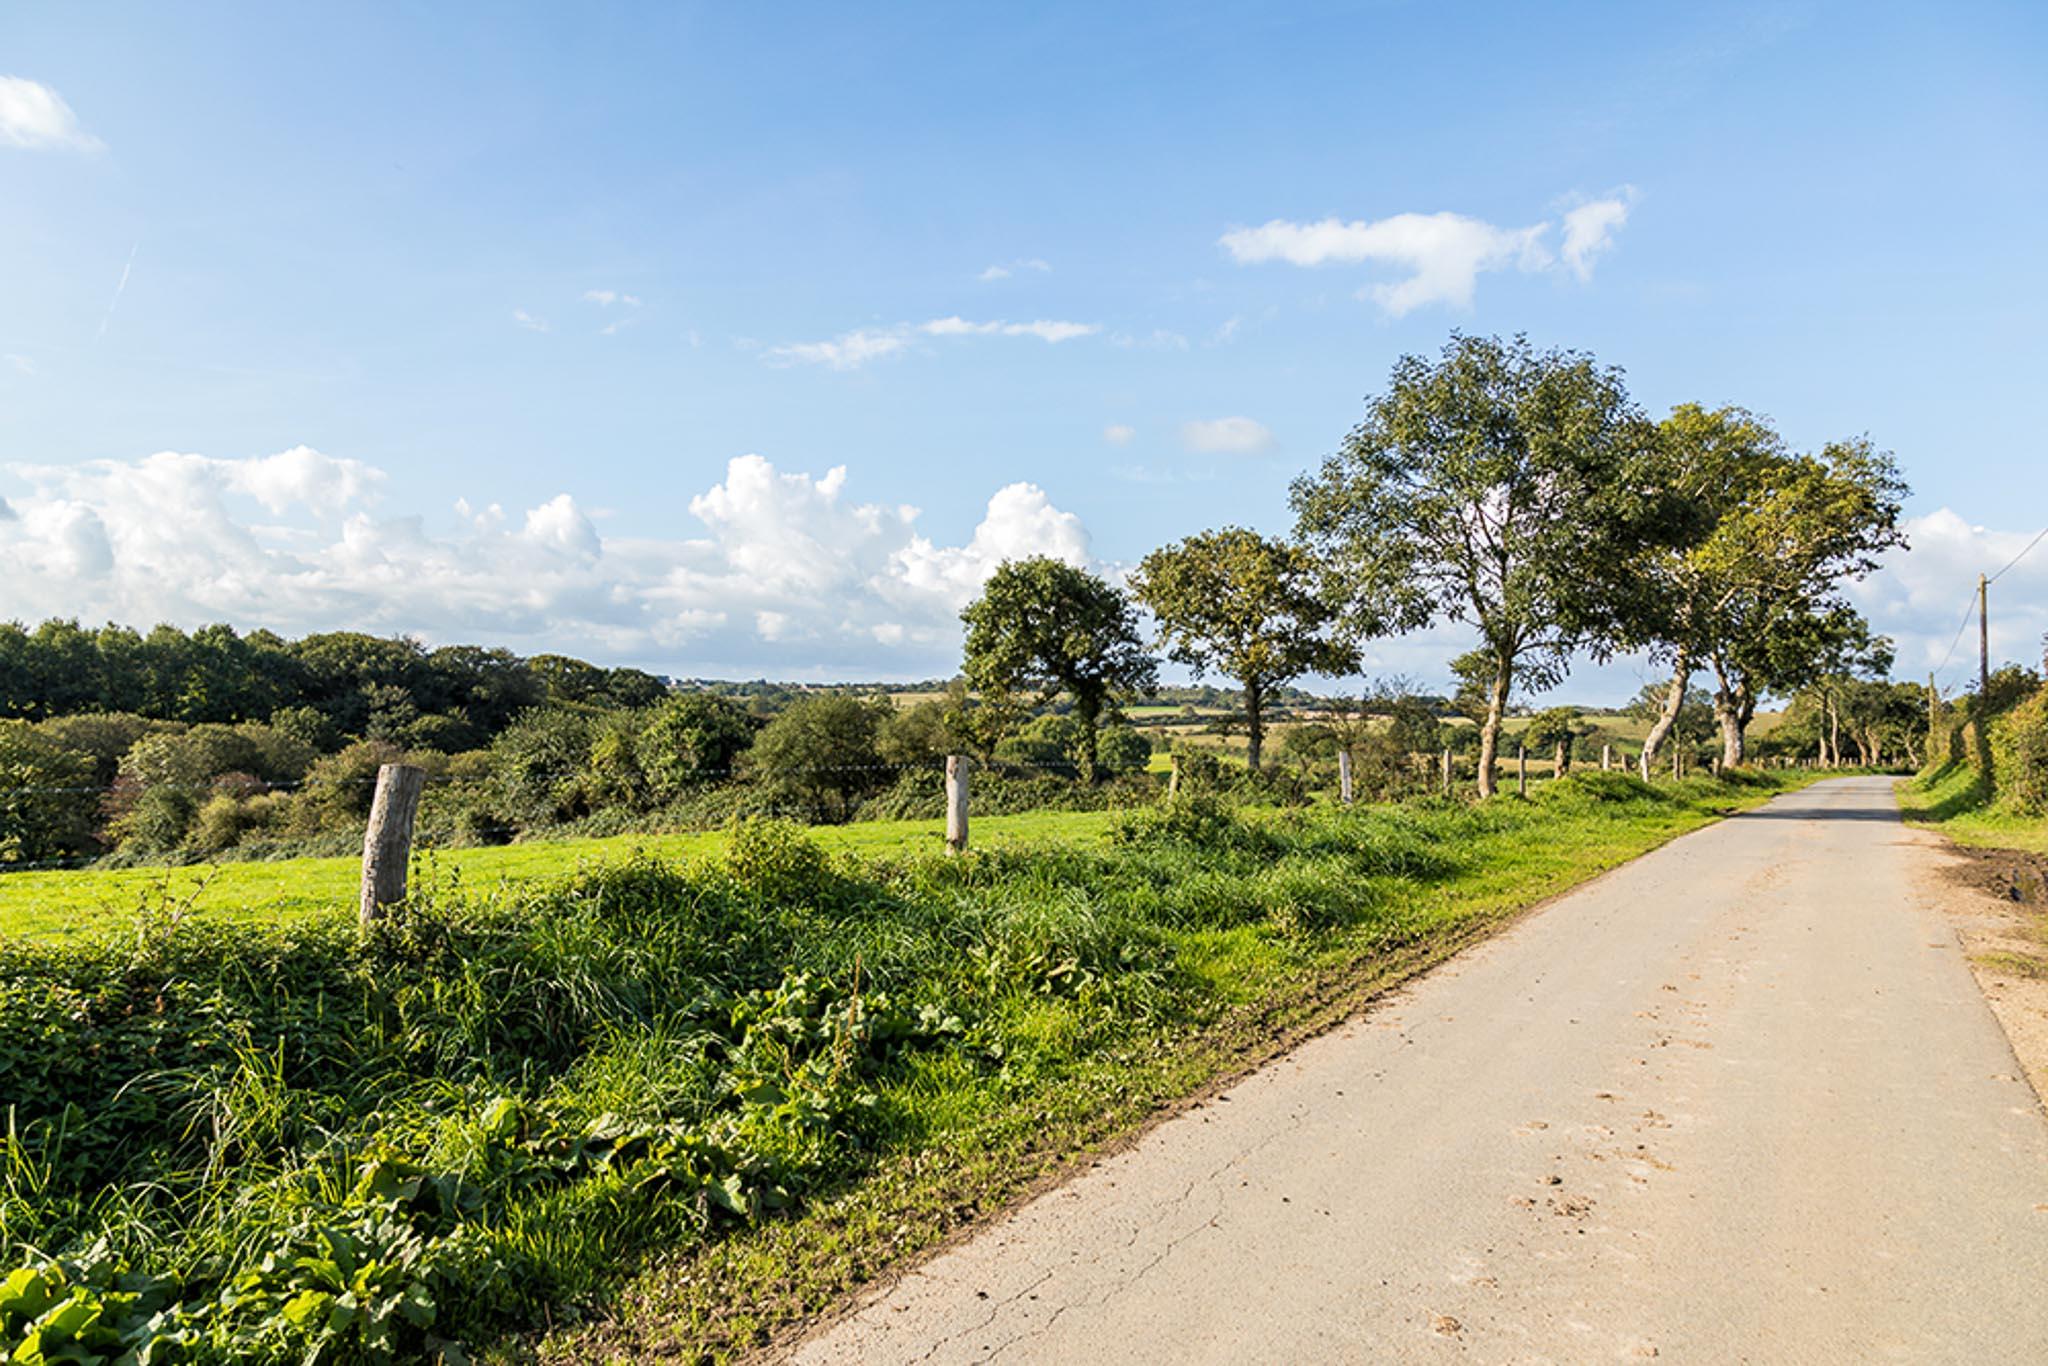 Les trois Moulins - die Pfeiffers wandern in der Normandie